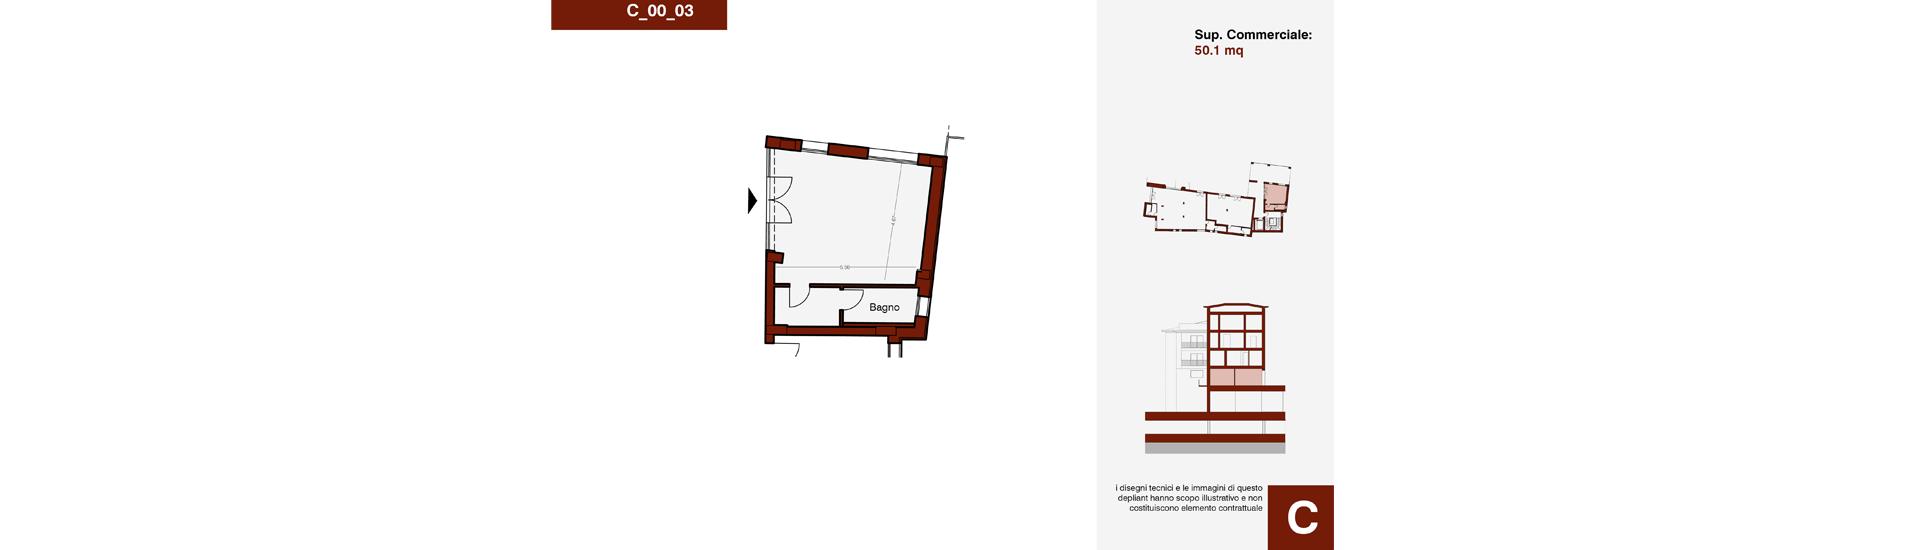 Edificio C, C_00_03, immagine completa